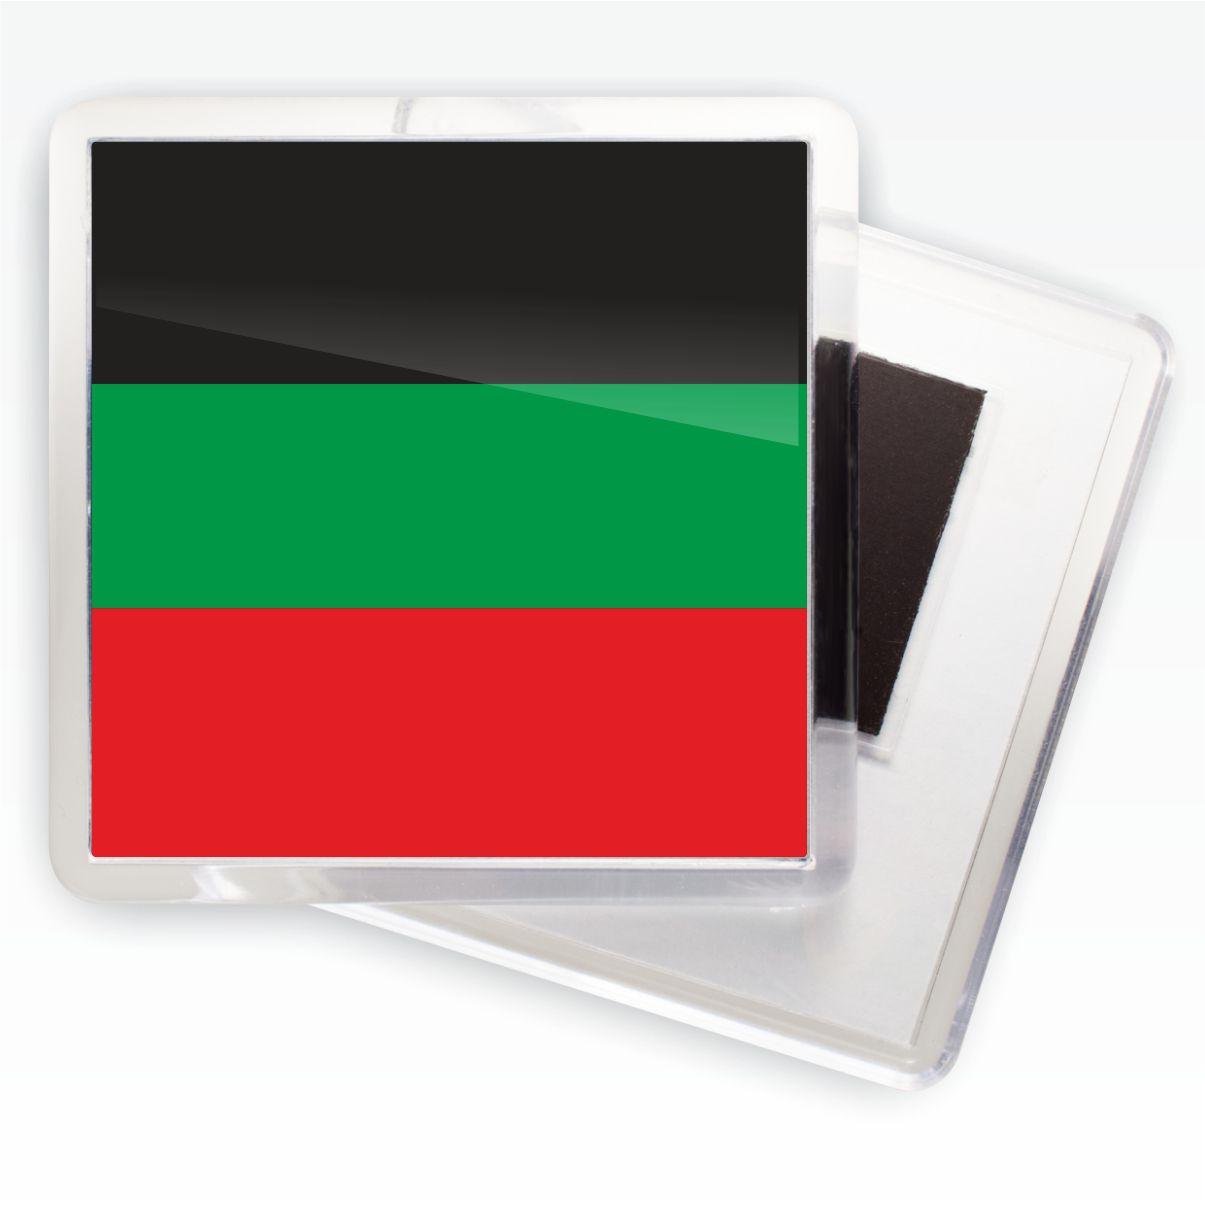 Магнитик Старый флаг «Терское казачье войско»